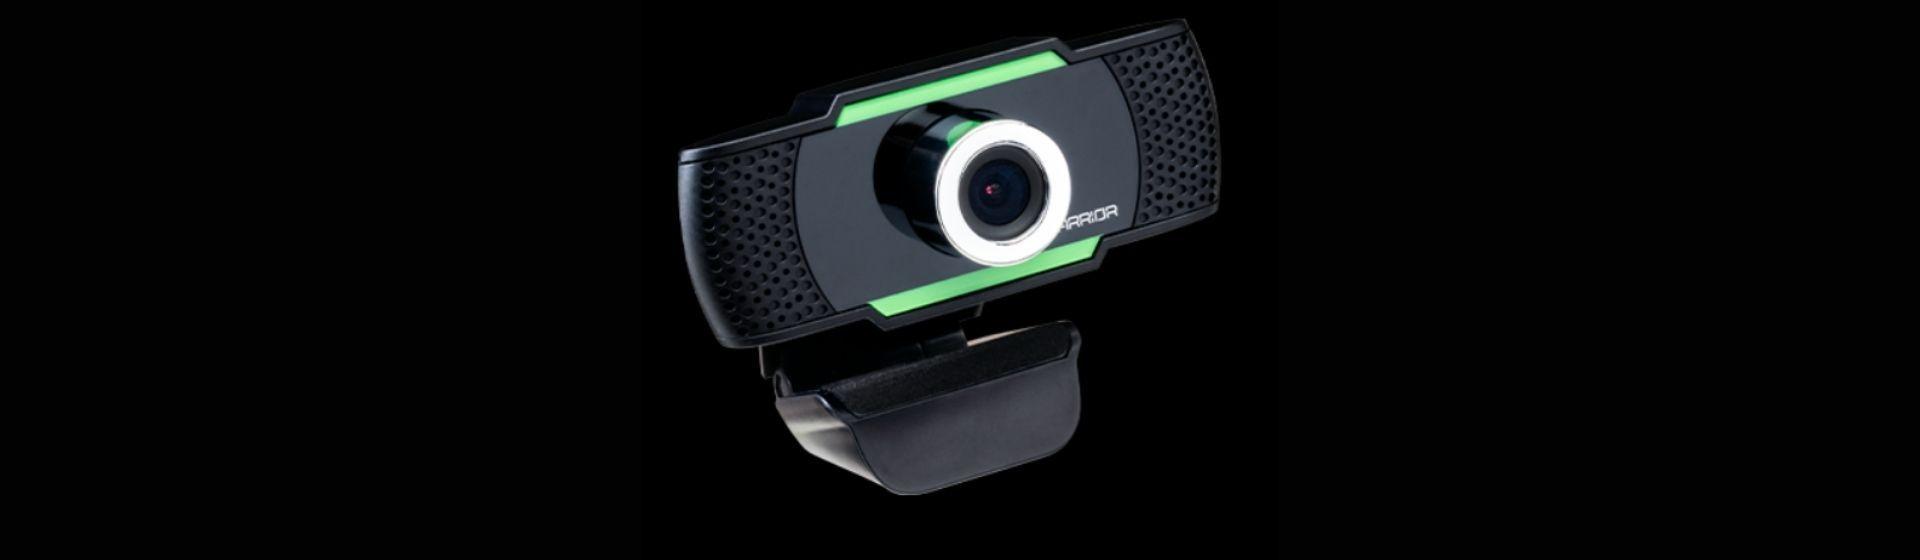 Melhor webcam Multilaser: 4 modelos para comprar em 2021